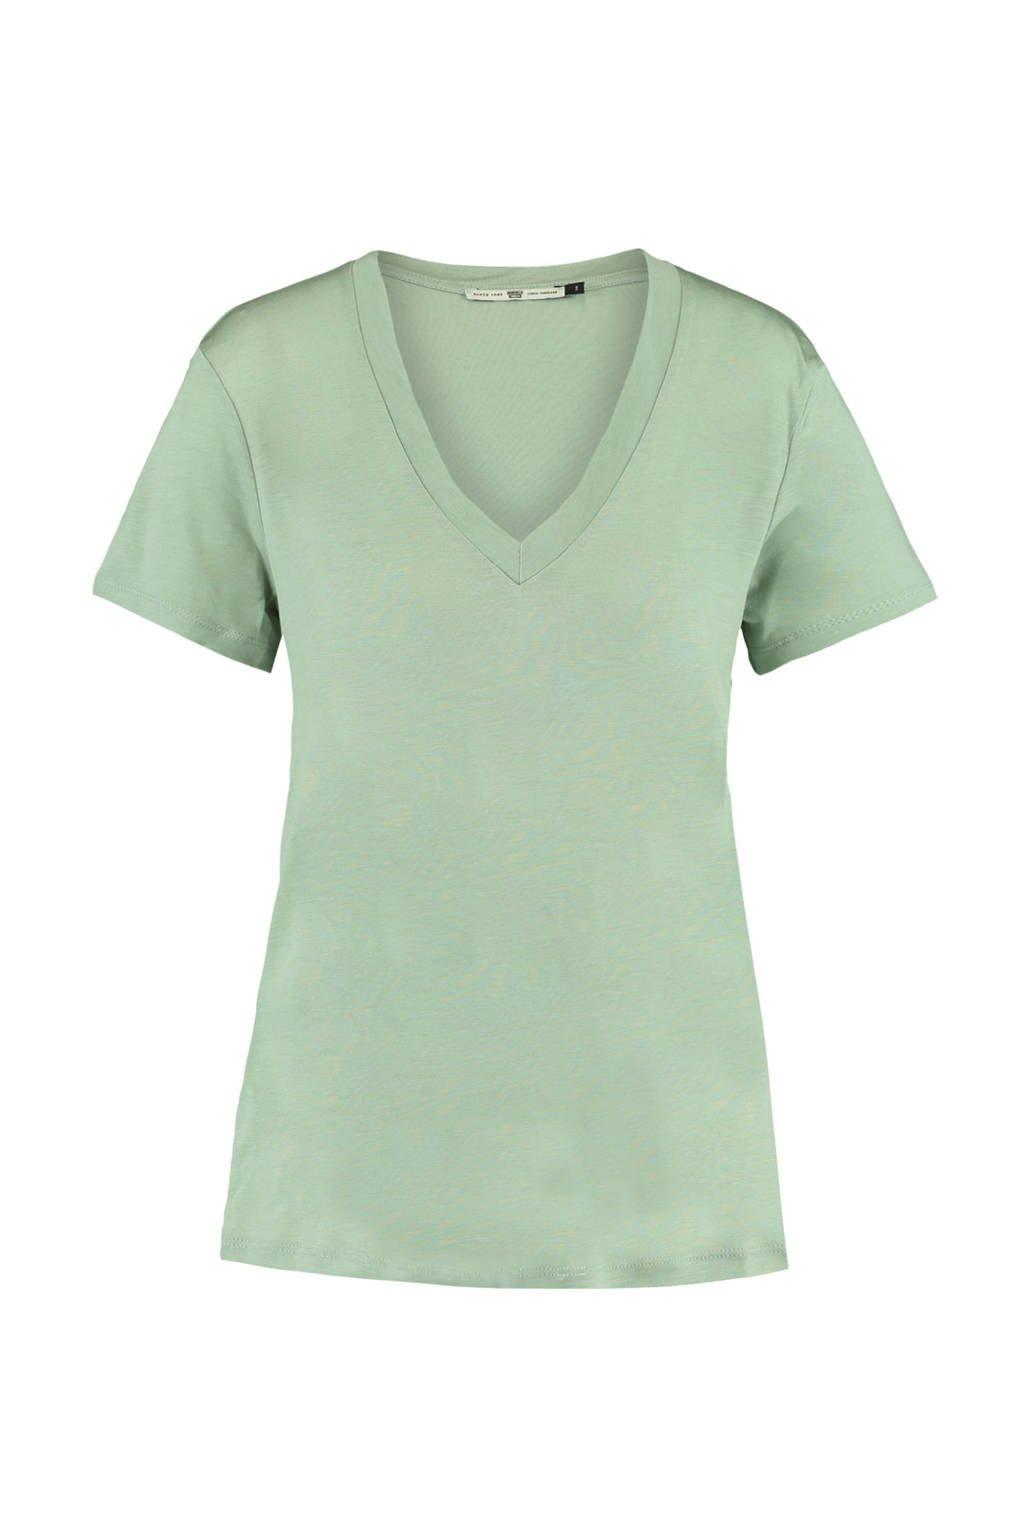 America Today T-shirt mintgroen, Mintgroen